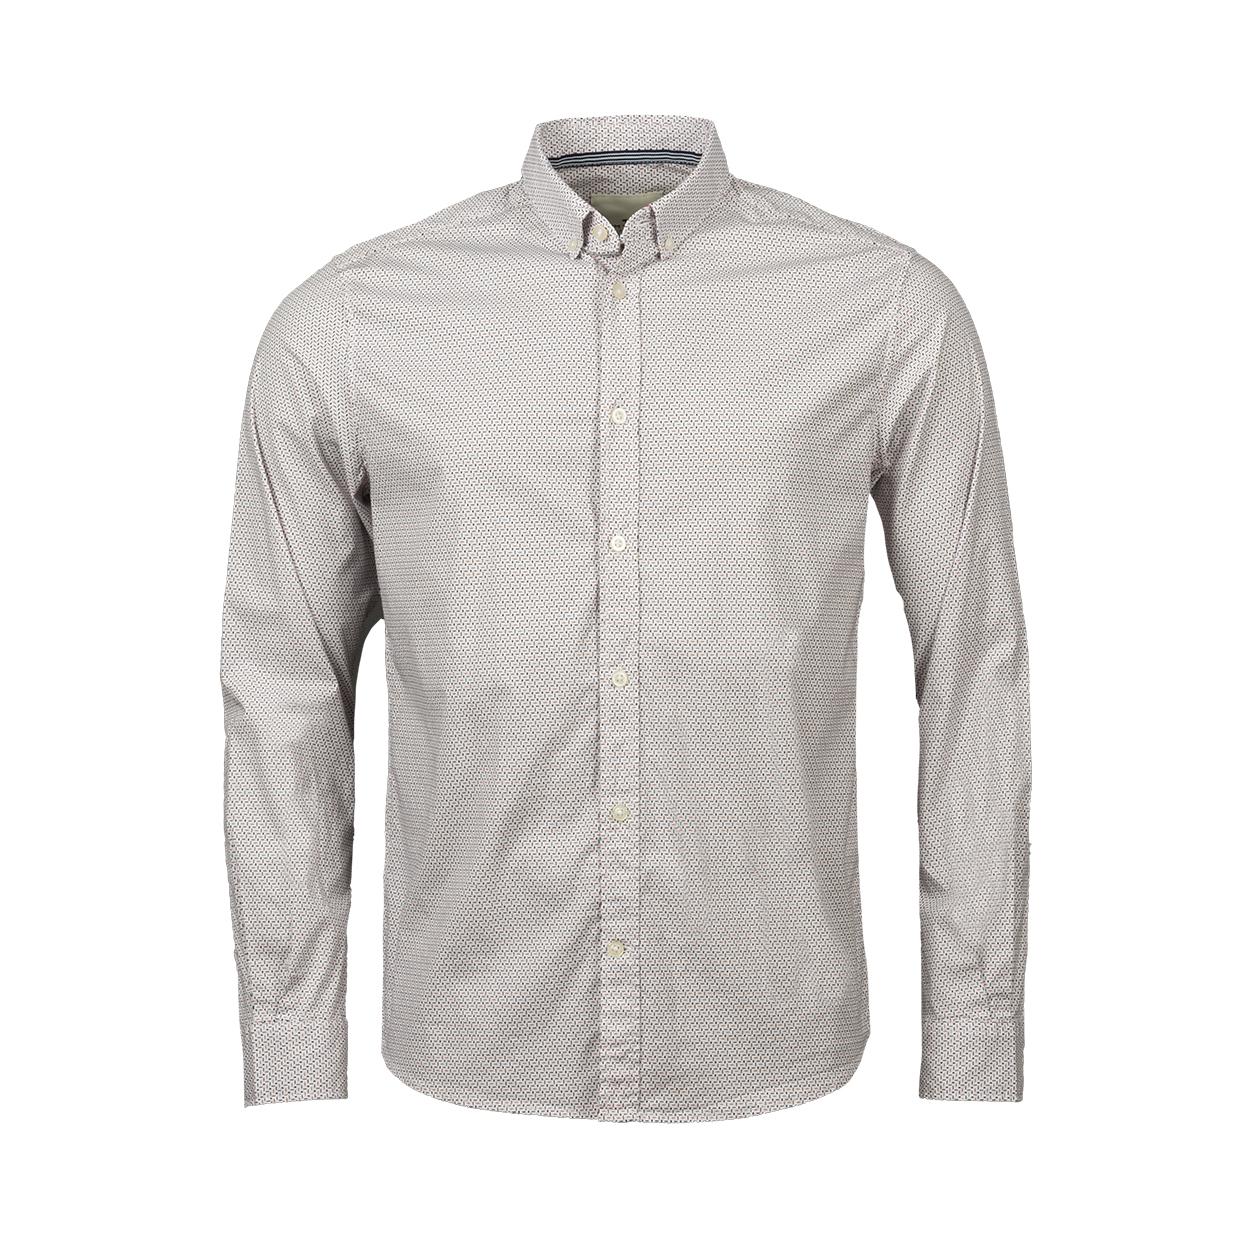 Chemise coupe droite  en coton stretch blanc à micros motifs bleu marine et rouges